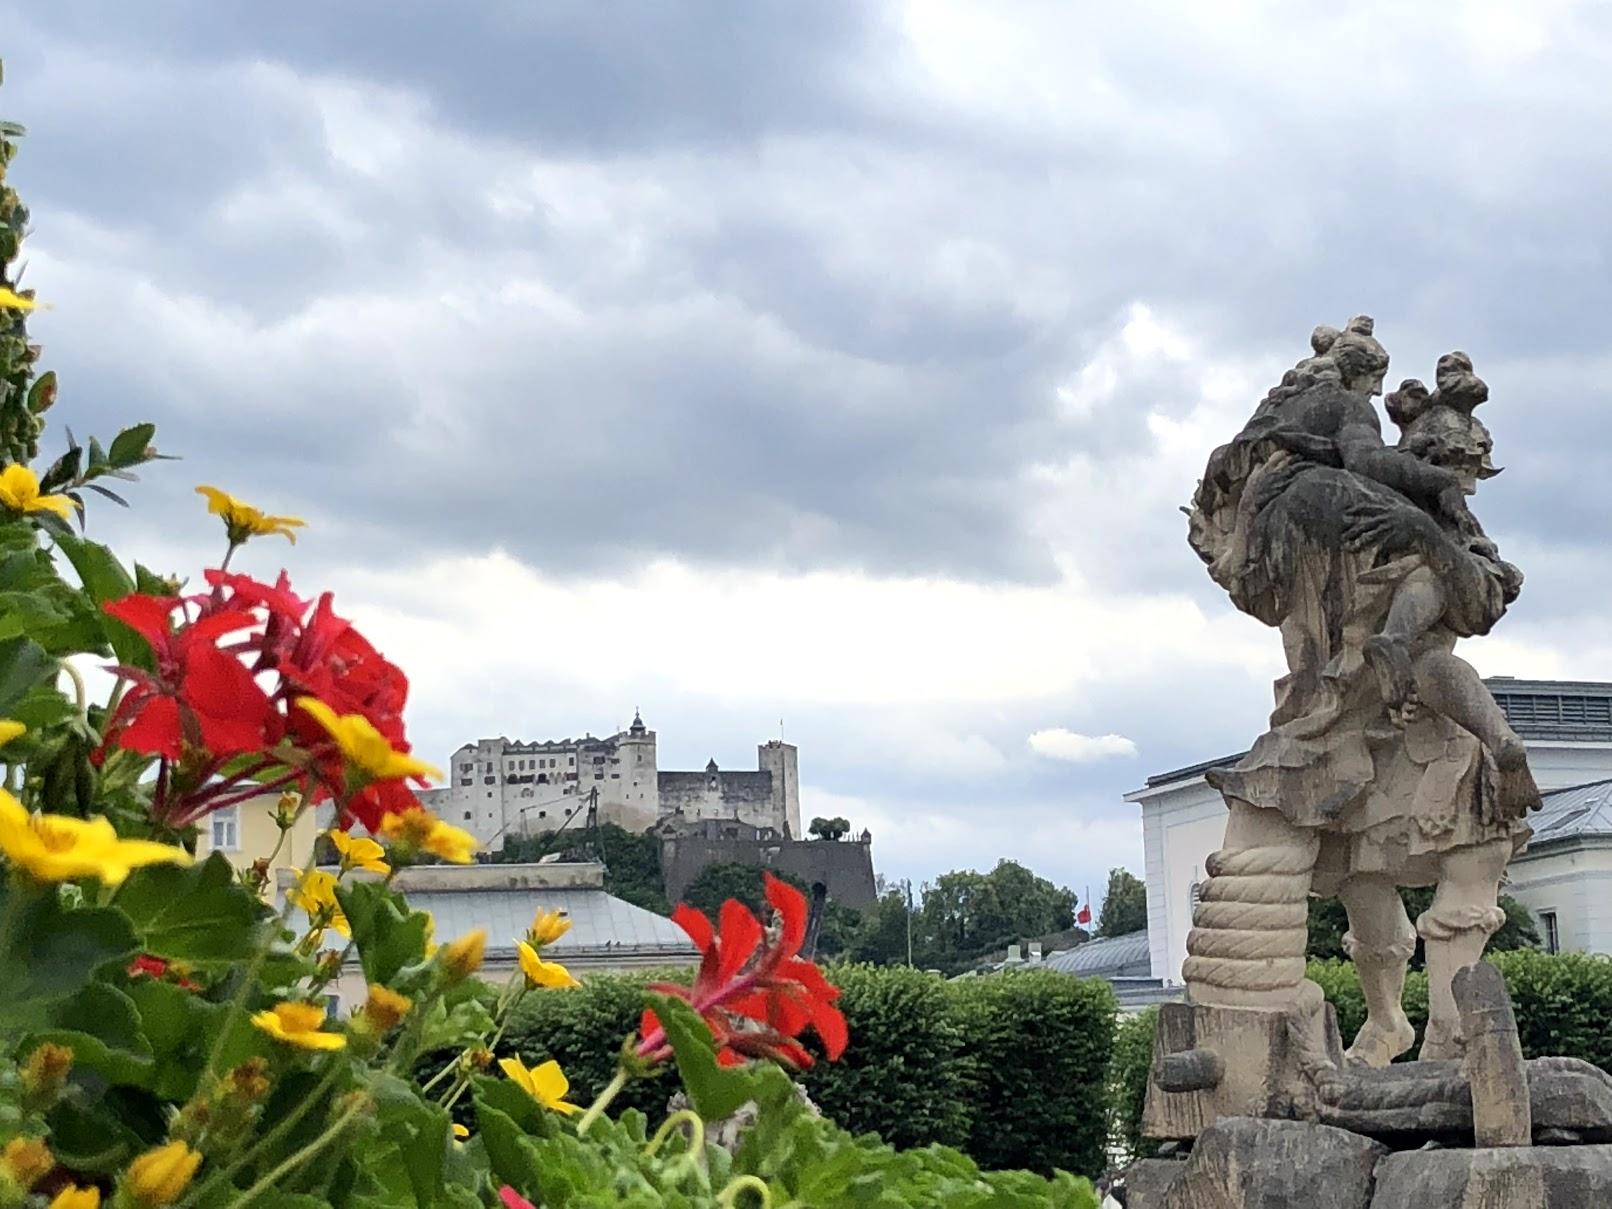 Flowers and statue in garden - Salzburg